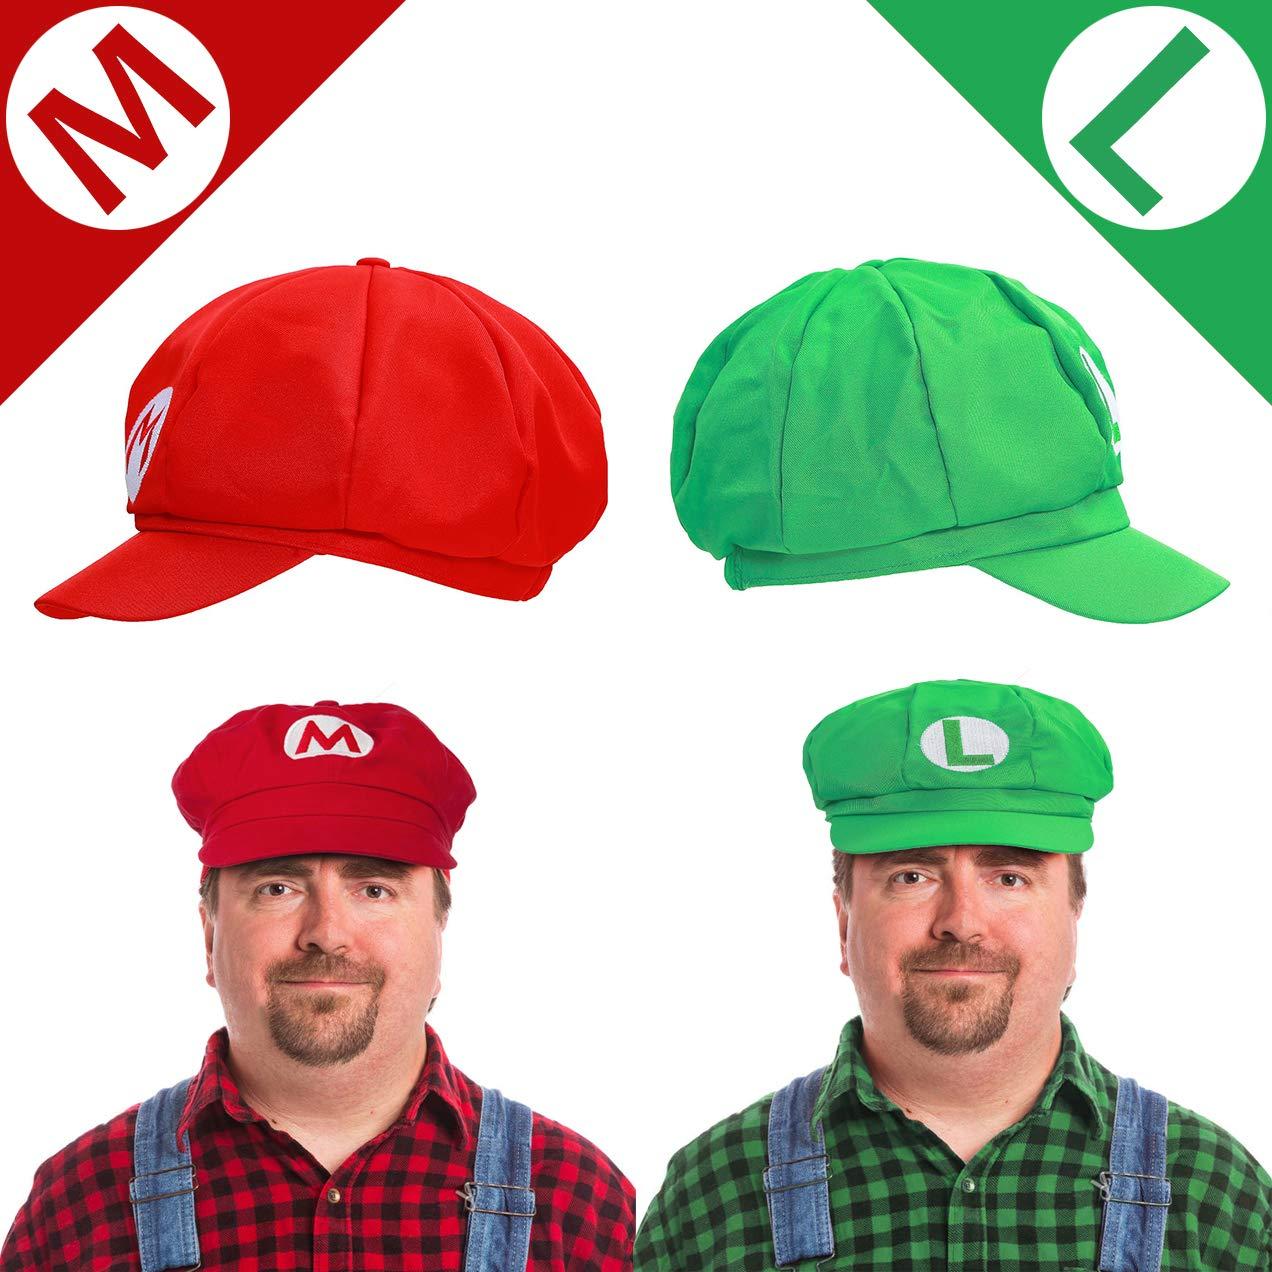 iZoeL Costume Super Mario Luigi Incluso 2X Cappello Mario Luigi 4X Guanti Bianchi 14x Moustache 4X Pulsanti 5cm per Costume di Carnevale Decorazione per Feste Bambino Adulto